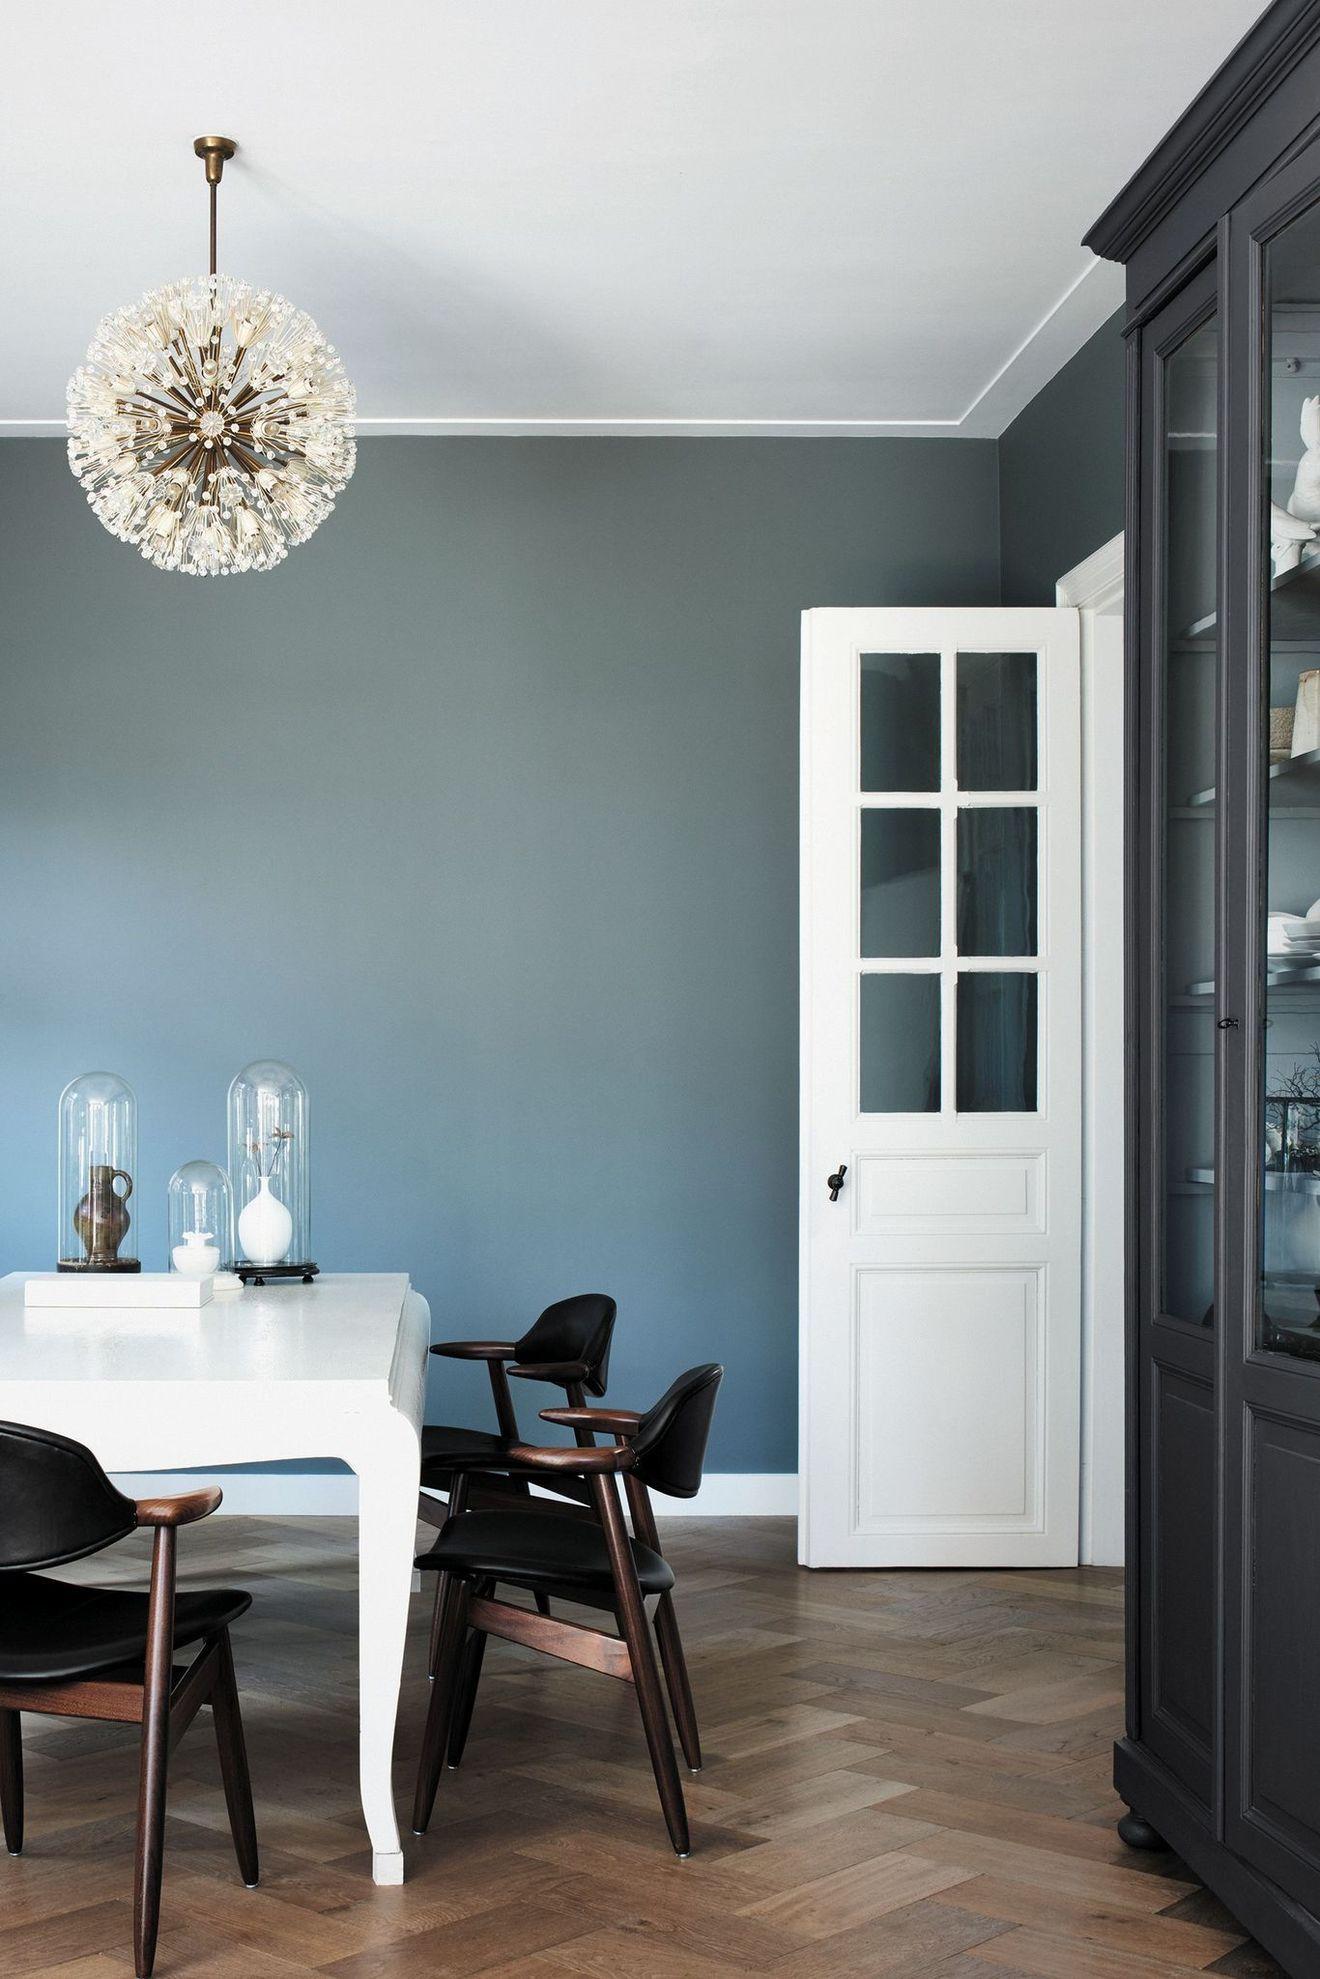 Peinture salon 30 couleurs tendance pour repeindre le salon salon couleur mur salon - Tendance peinture salon ...